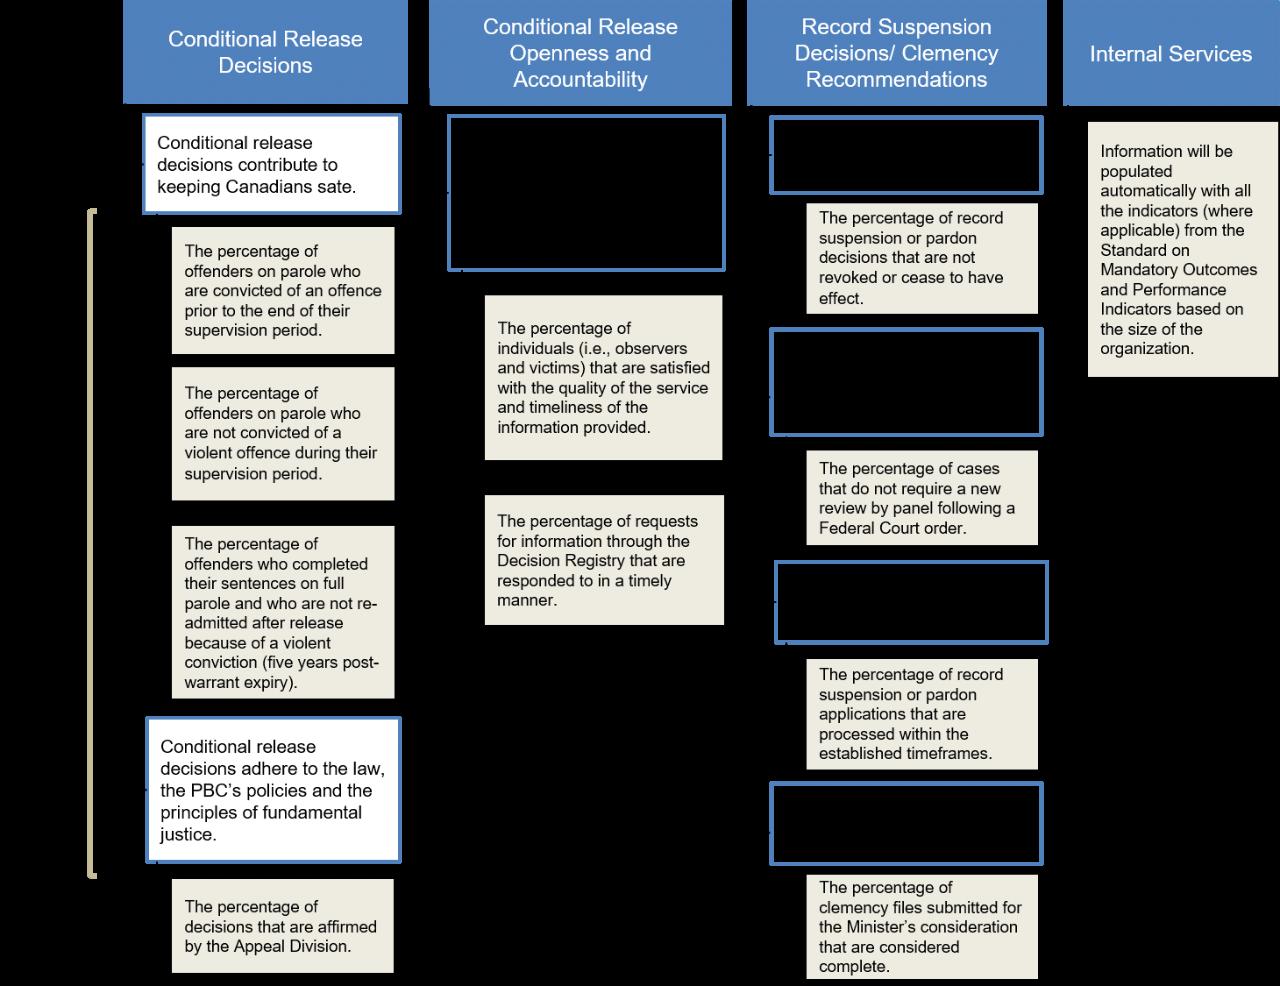 2019-20 Parole Board of Canada Departmental Plan - Canada ca